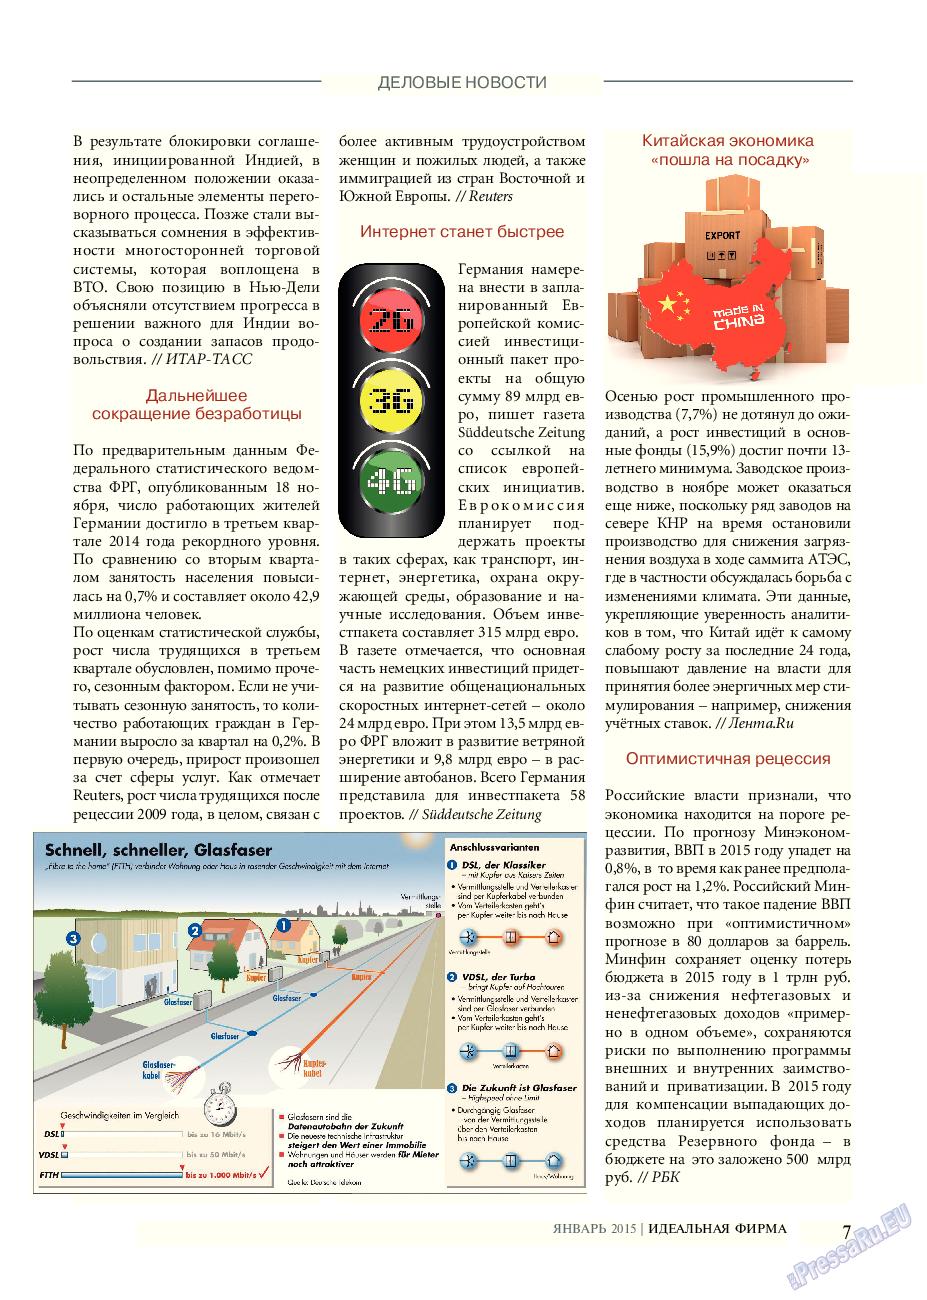 Идеальная фирма (журнал). 2015 год, номер 1, стр. 7